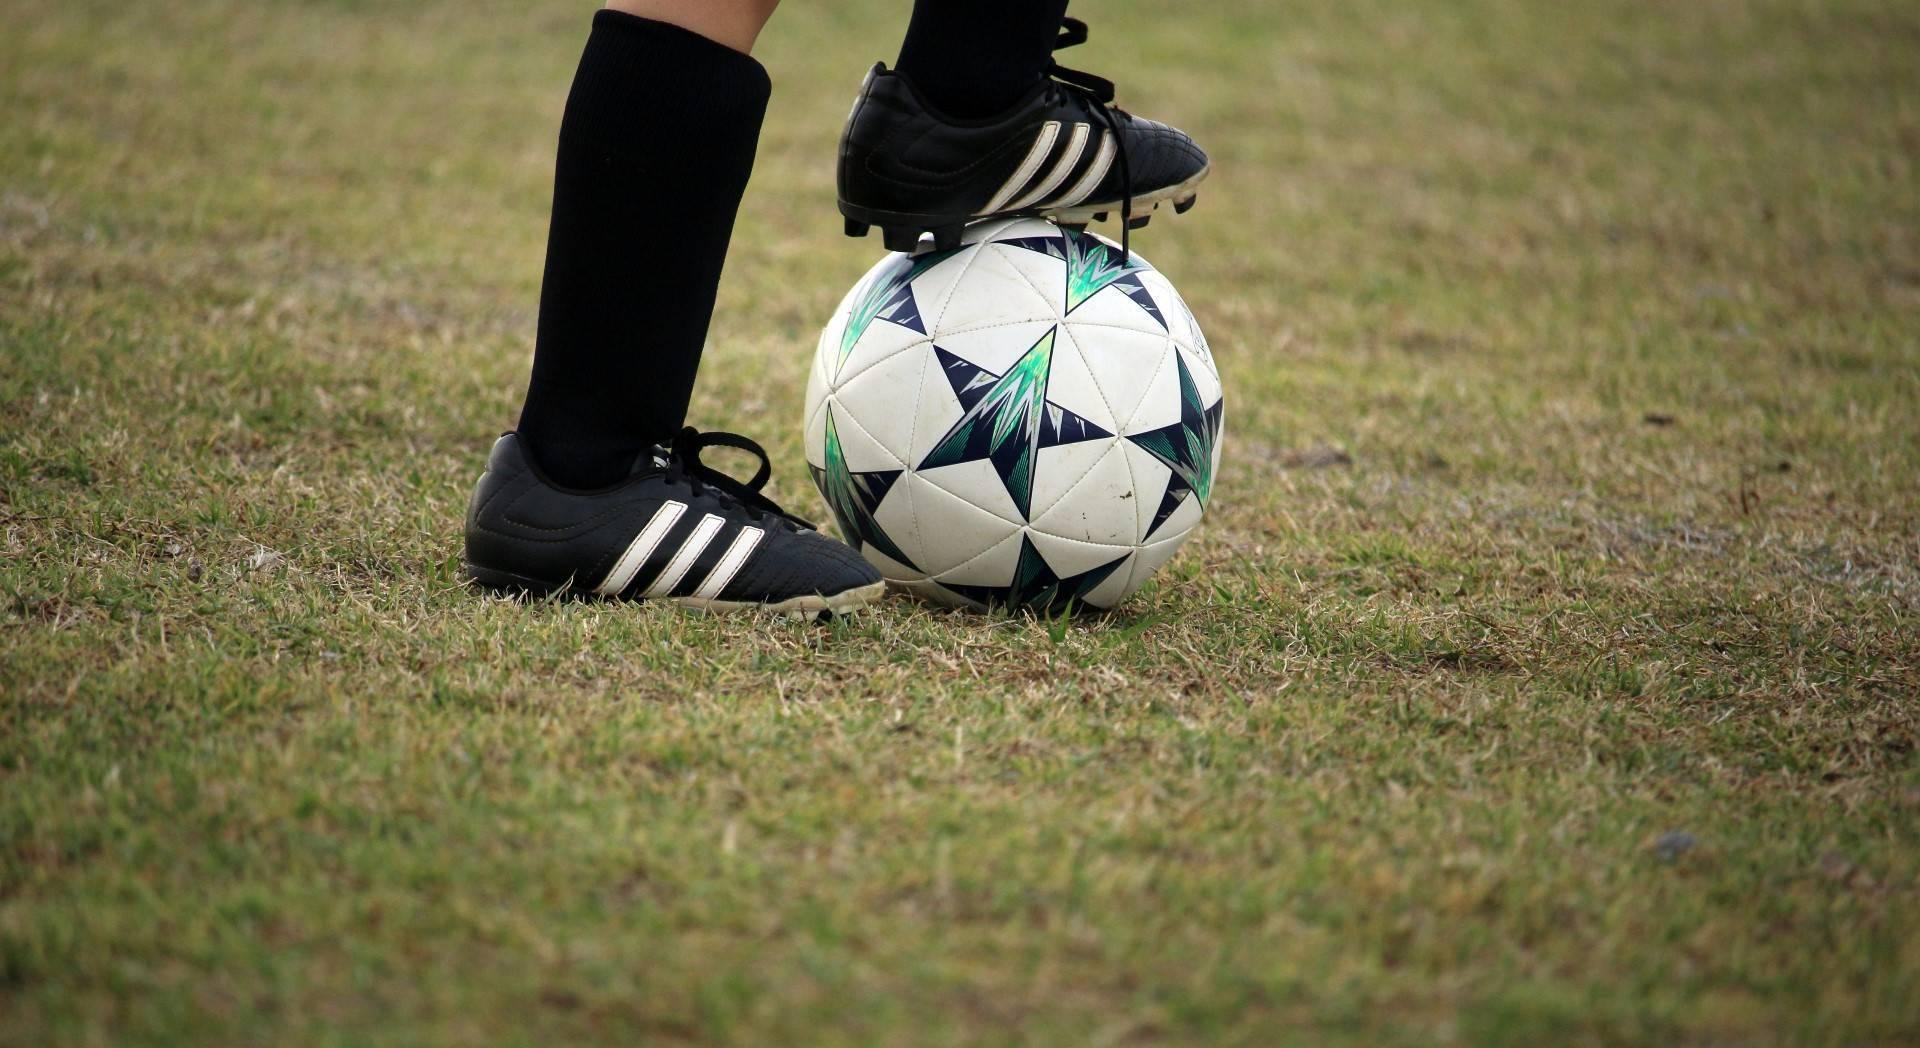 Jalkapallokauden 2021 ilmoittautuminen on avattu